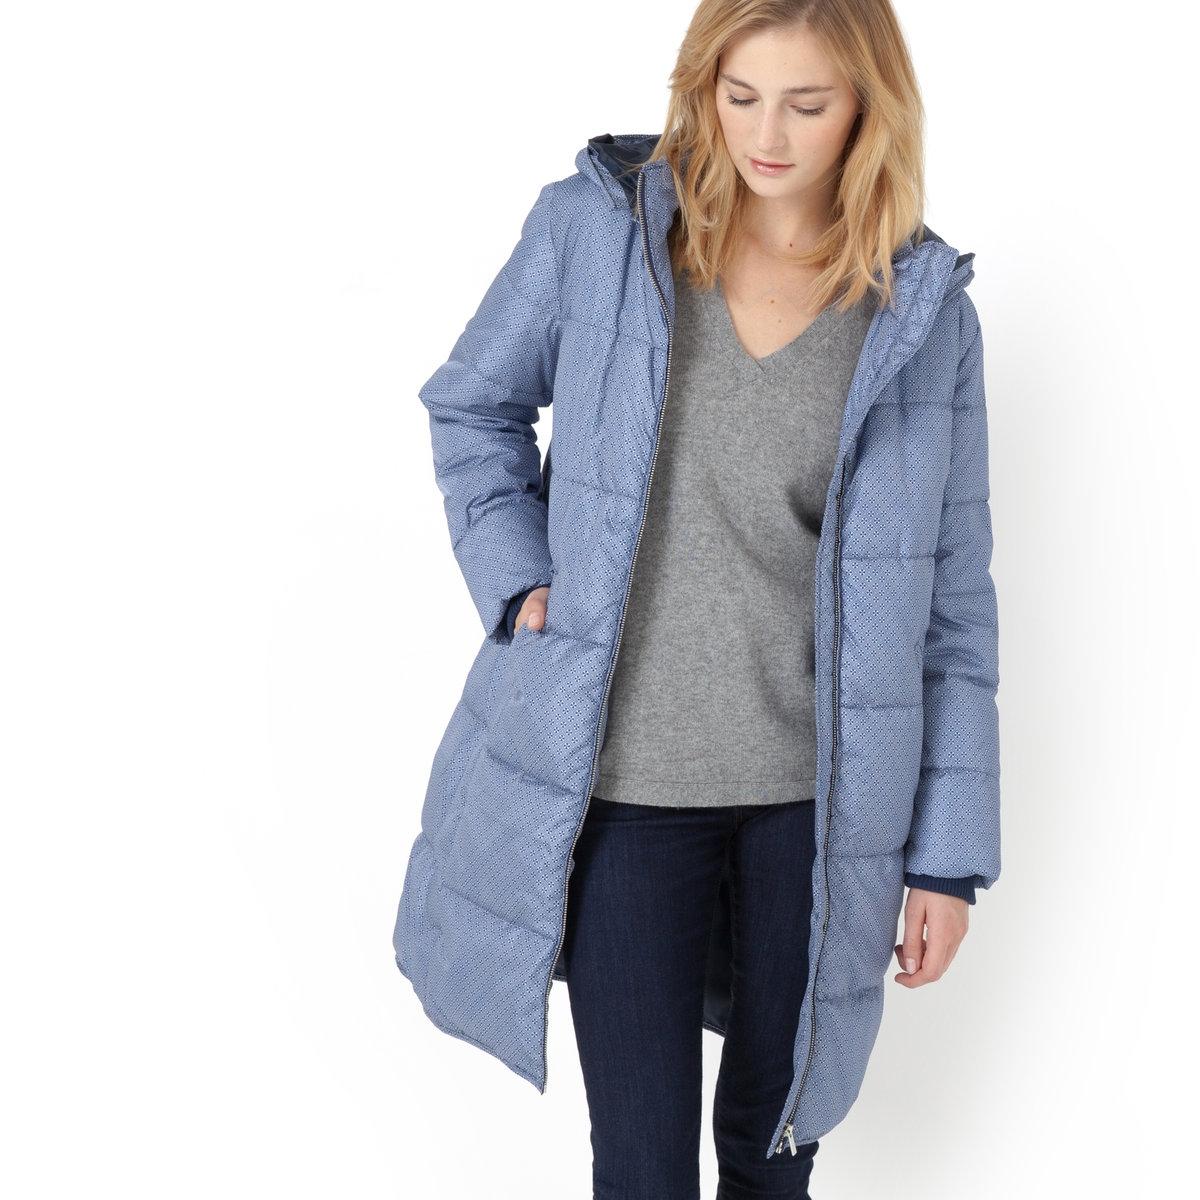 Куртка стеганая с рисункомКуртка стеганая с рисунком средней длины, двусторонняя. Съемный капюшон на молнии. Застежка на молнию. 2 косых кармана. 100% полиэстера, покладка: 100% полиэстера. Длина 90 см.<br><br>Цвет: наб. рисунок синий